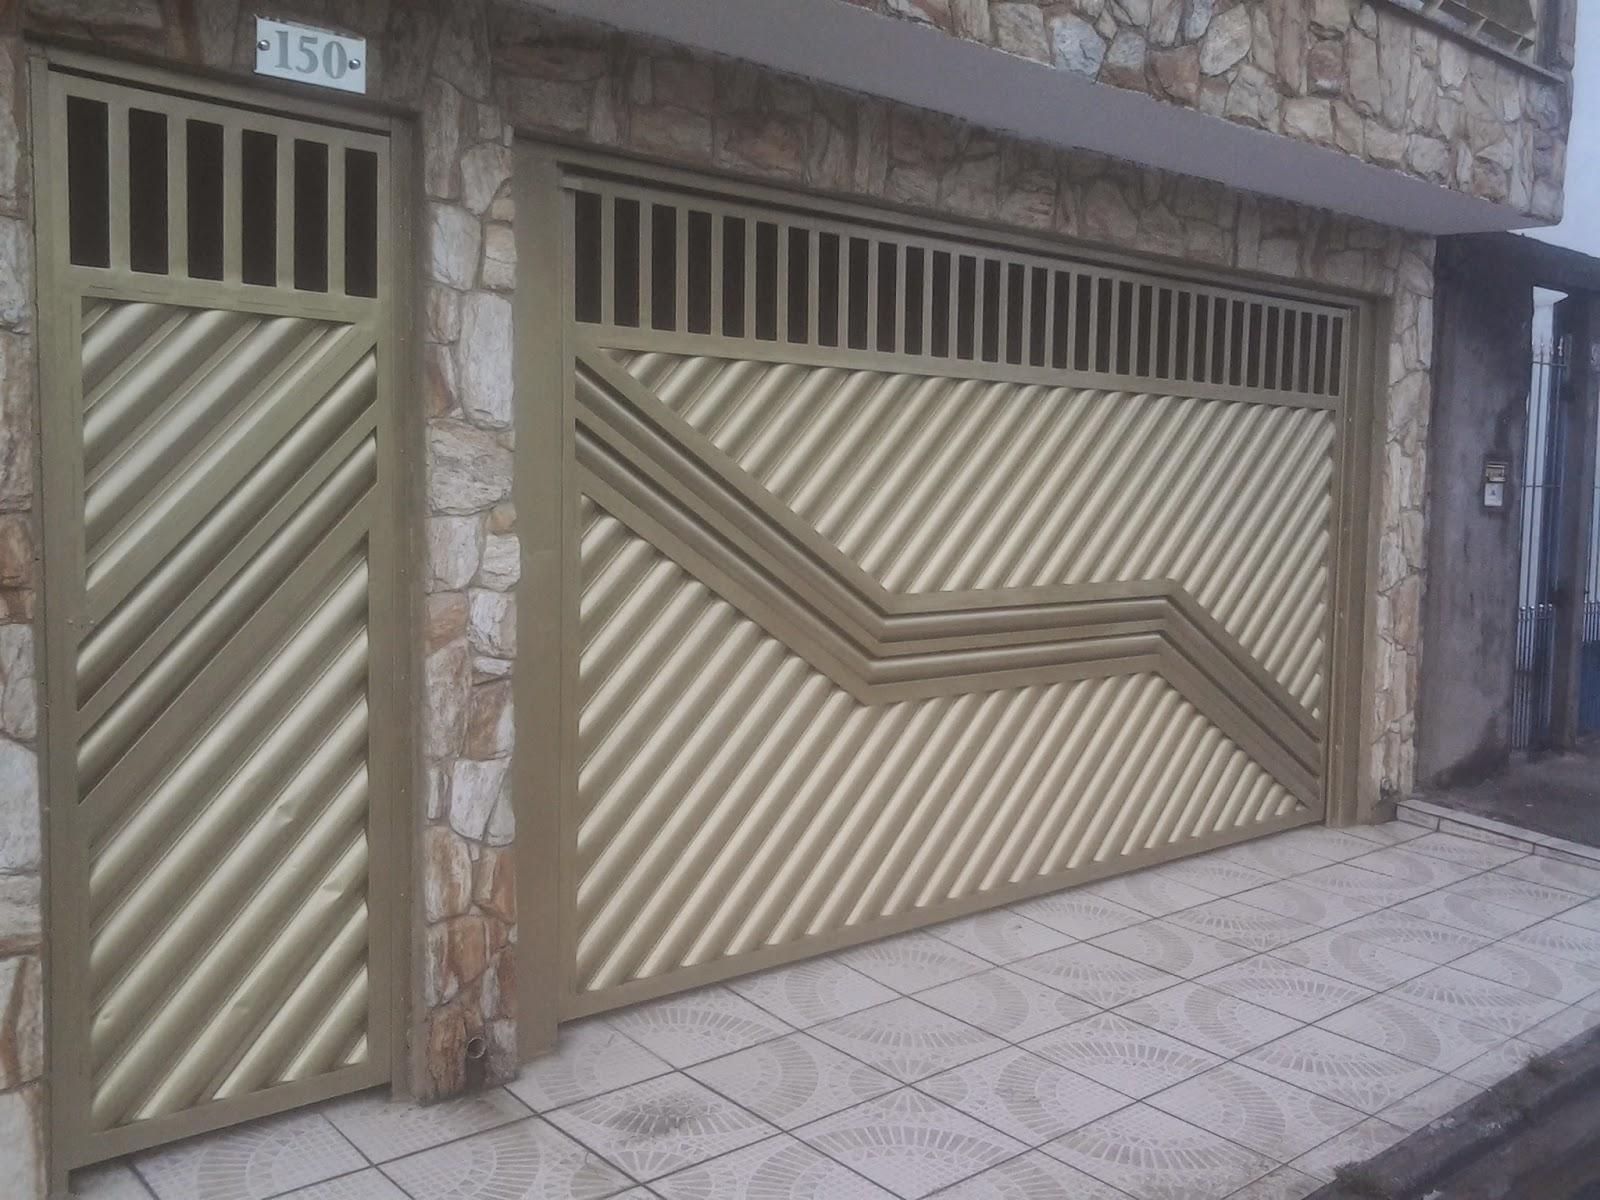 Muito GRAFITE E PINTURA EM PORTÕES! | Pintura em Portões e Grafiti. FC68